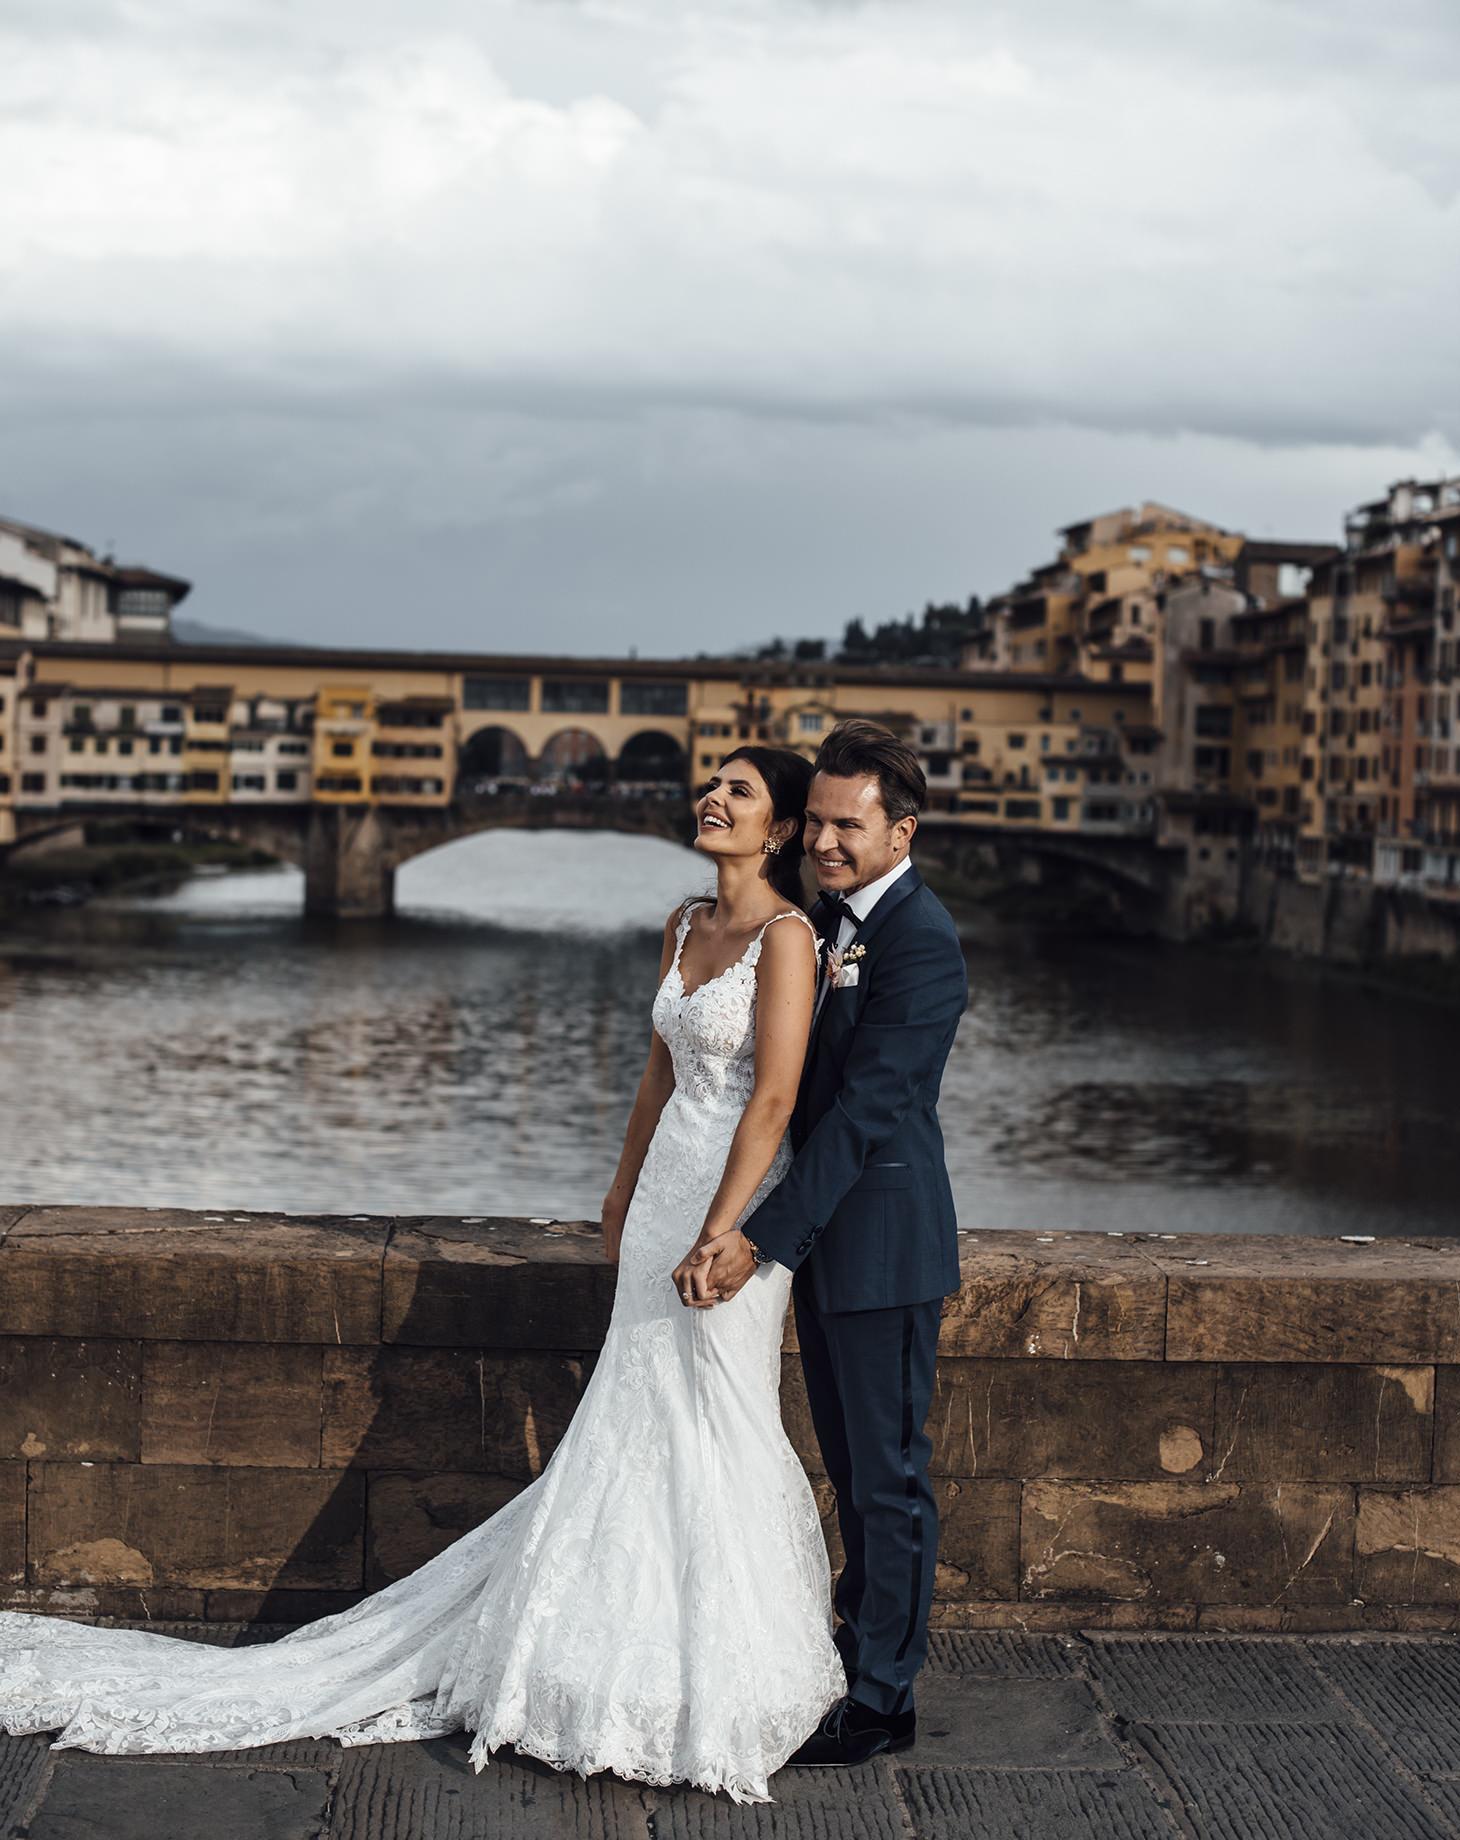 Lisa & Markus | Florence